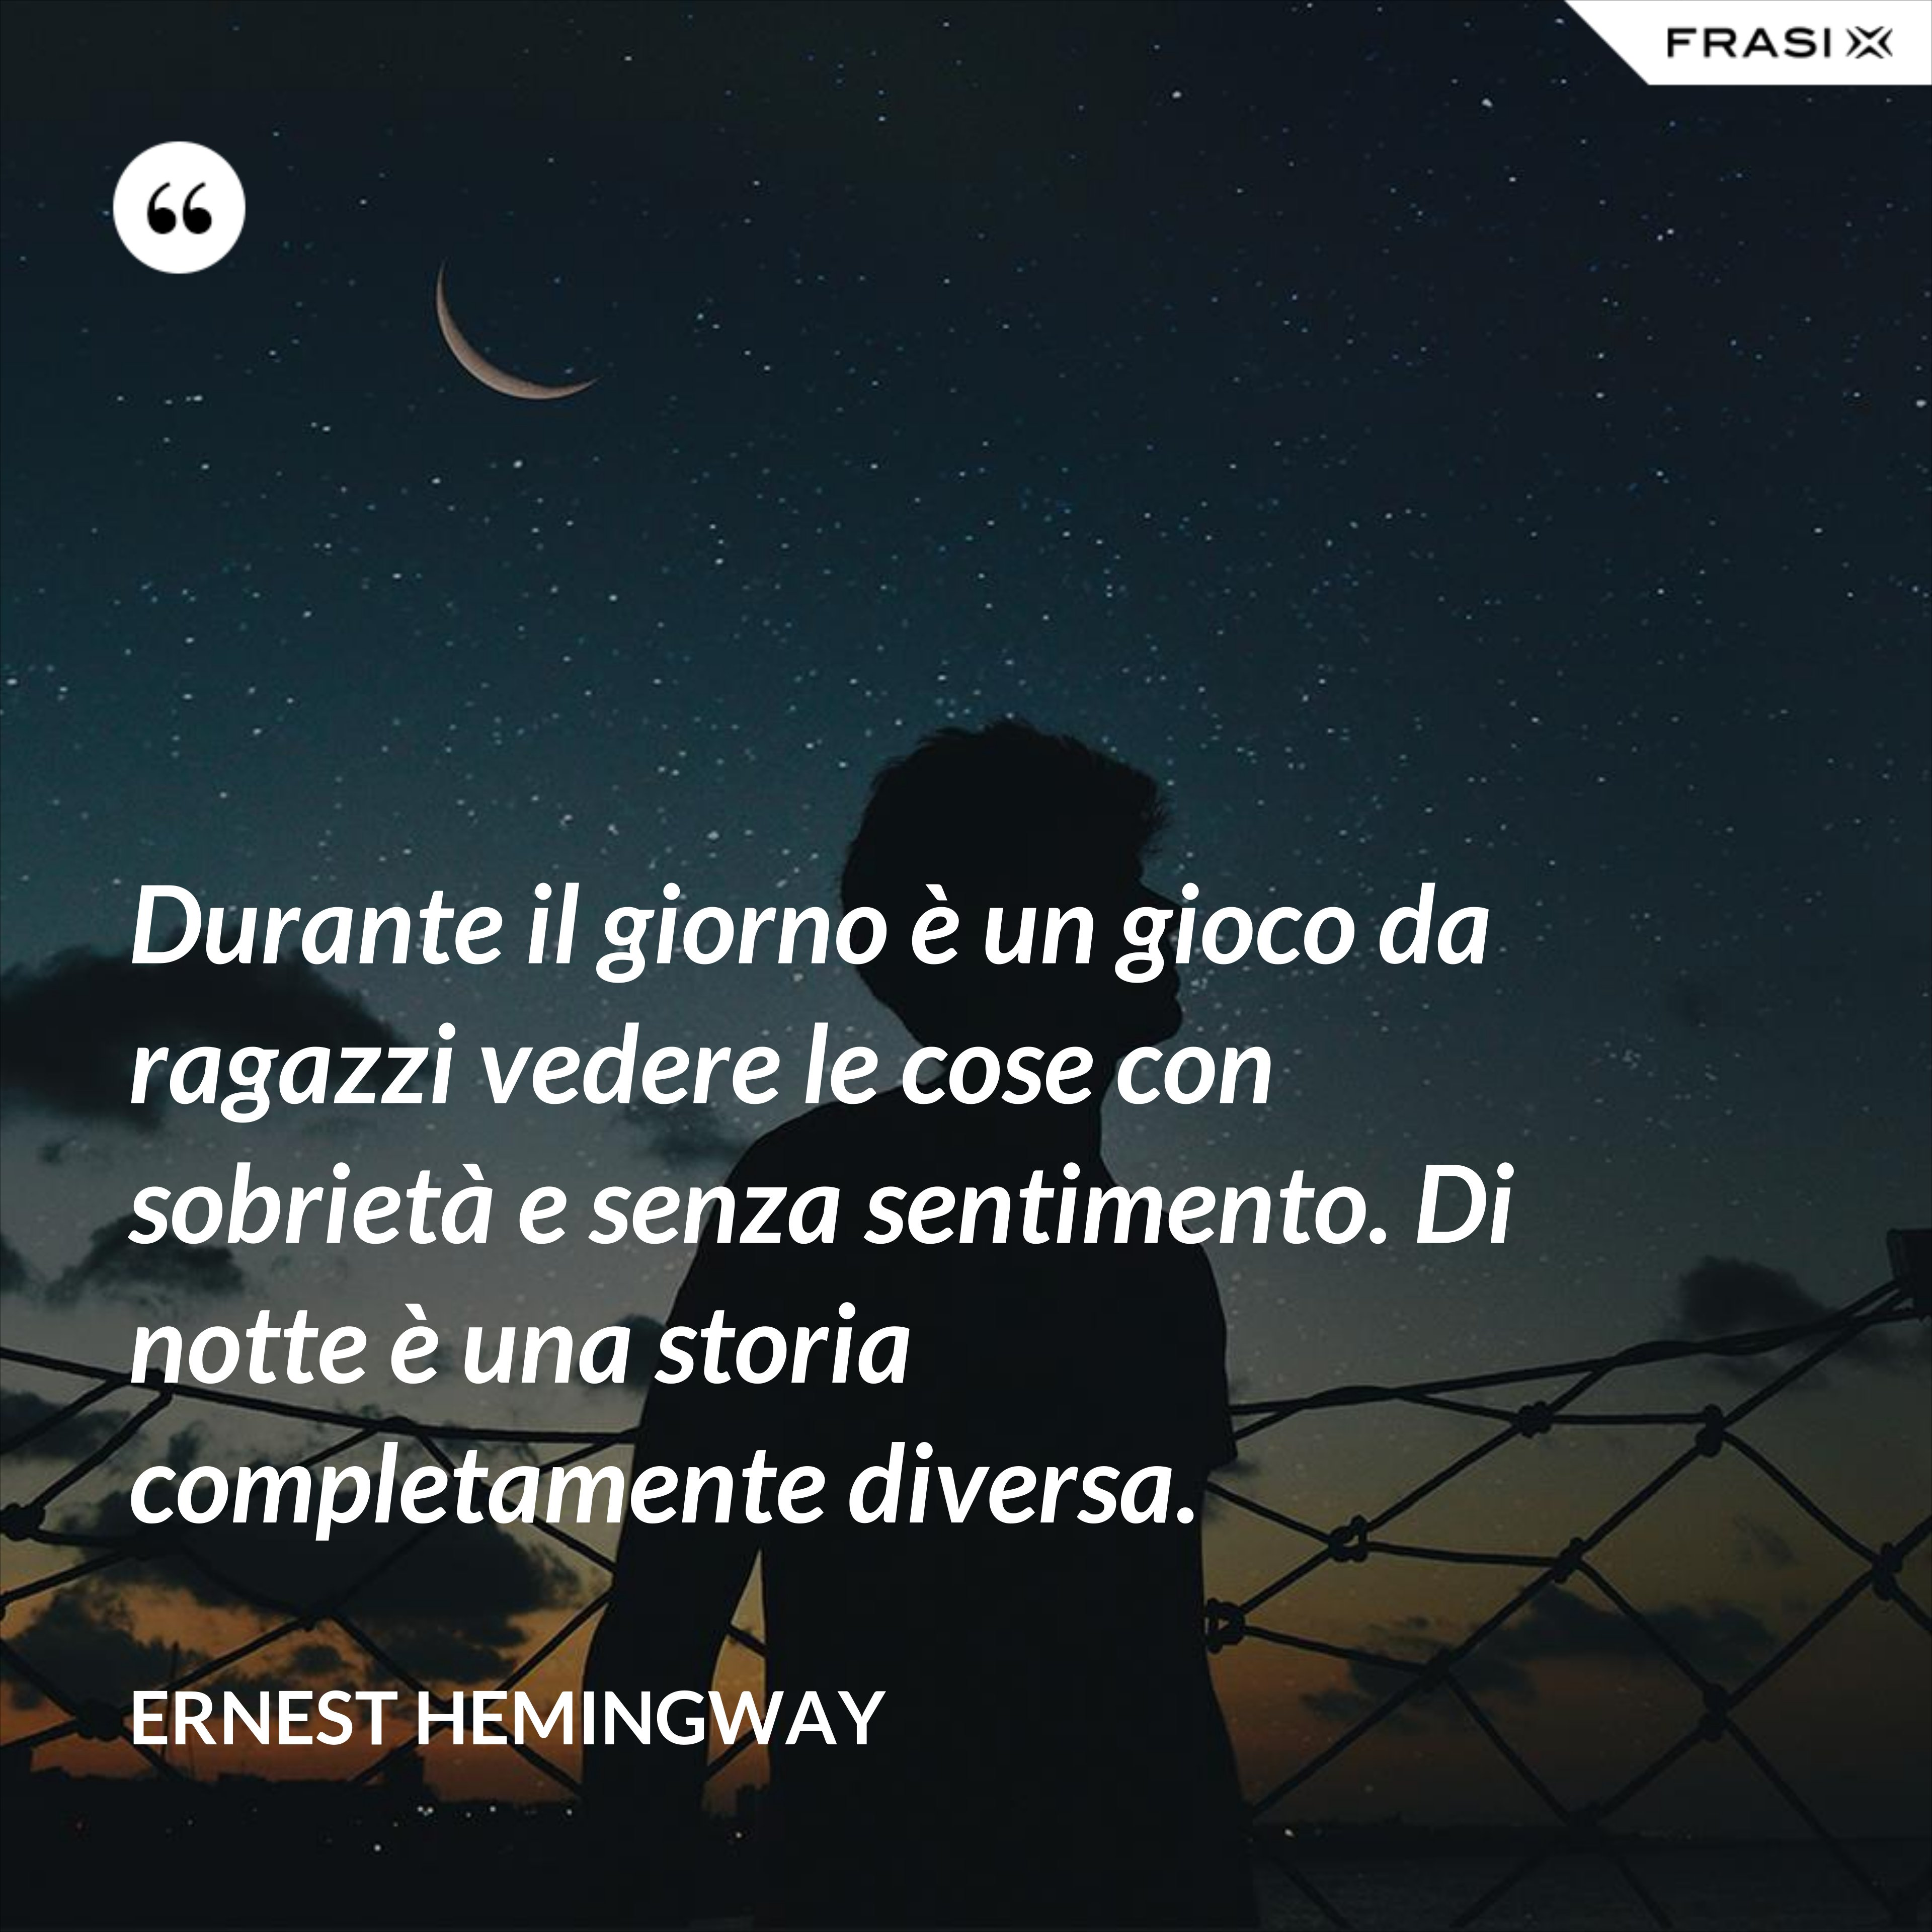 Durante il giorno è un gioco da ragazzi vedere le cose con sobrietà e senza sentimento. Di notte è una storia completamente diversa. - Ernest Hemingway